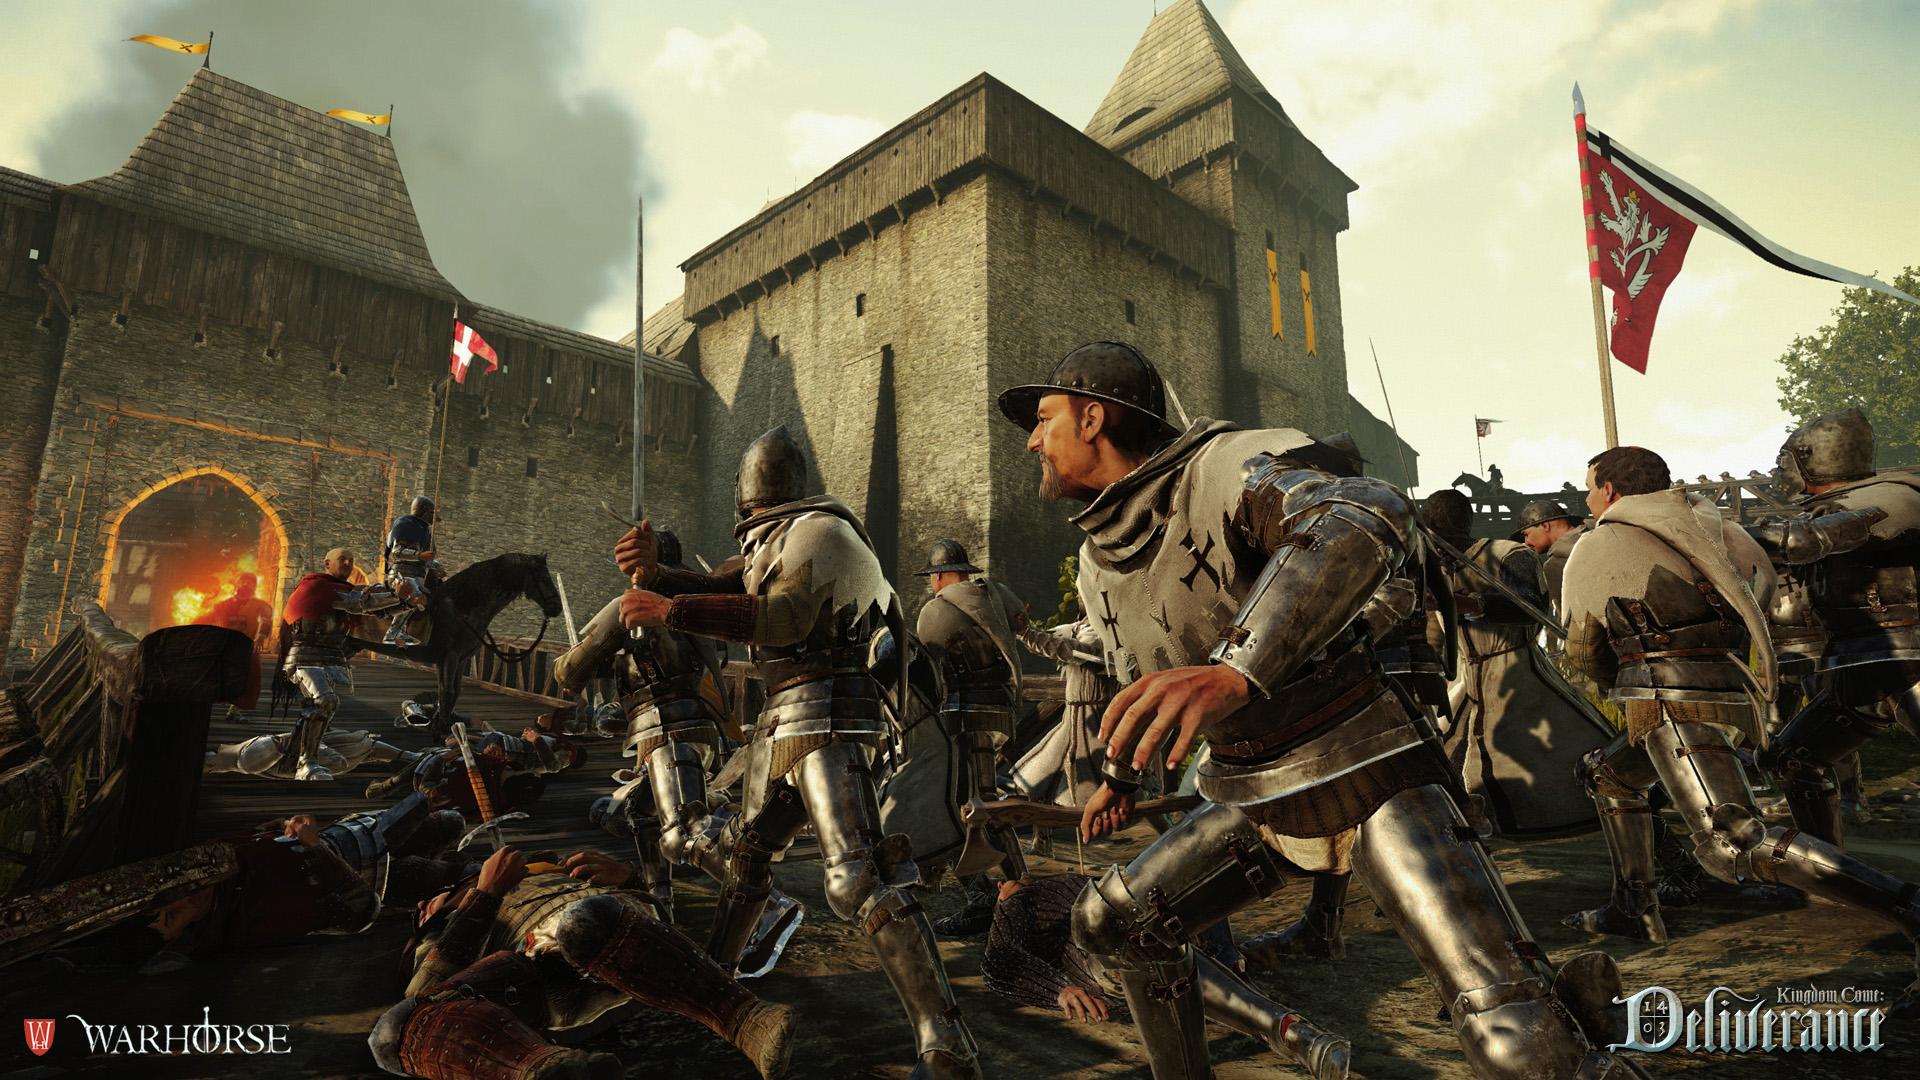 El proximo rey de los RPG necesita ayuda, Kingdom Come: Deliverance anuncia su campaña Kickstarter